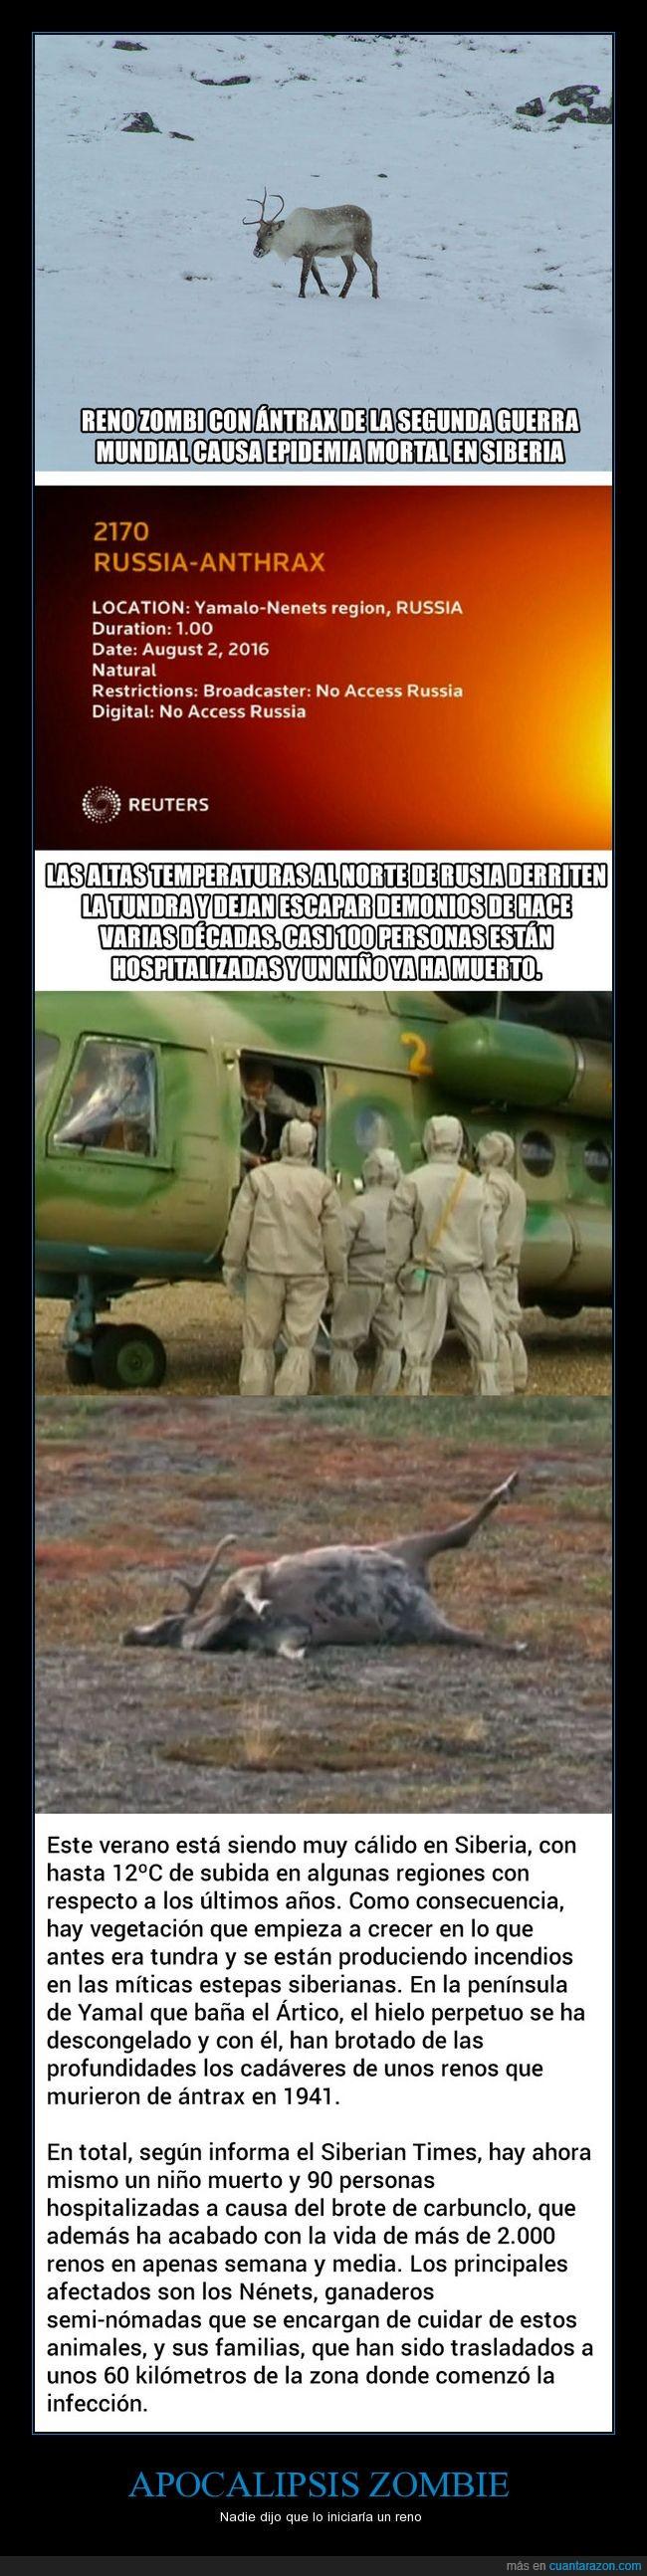 a b c causando_epidemia_mortal_en_siberia